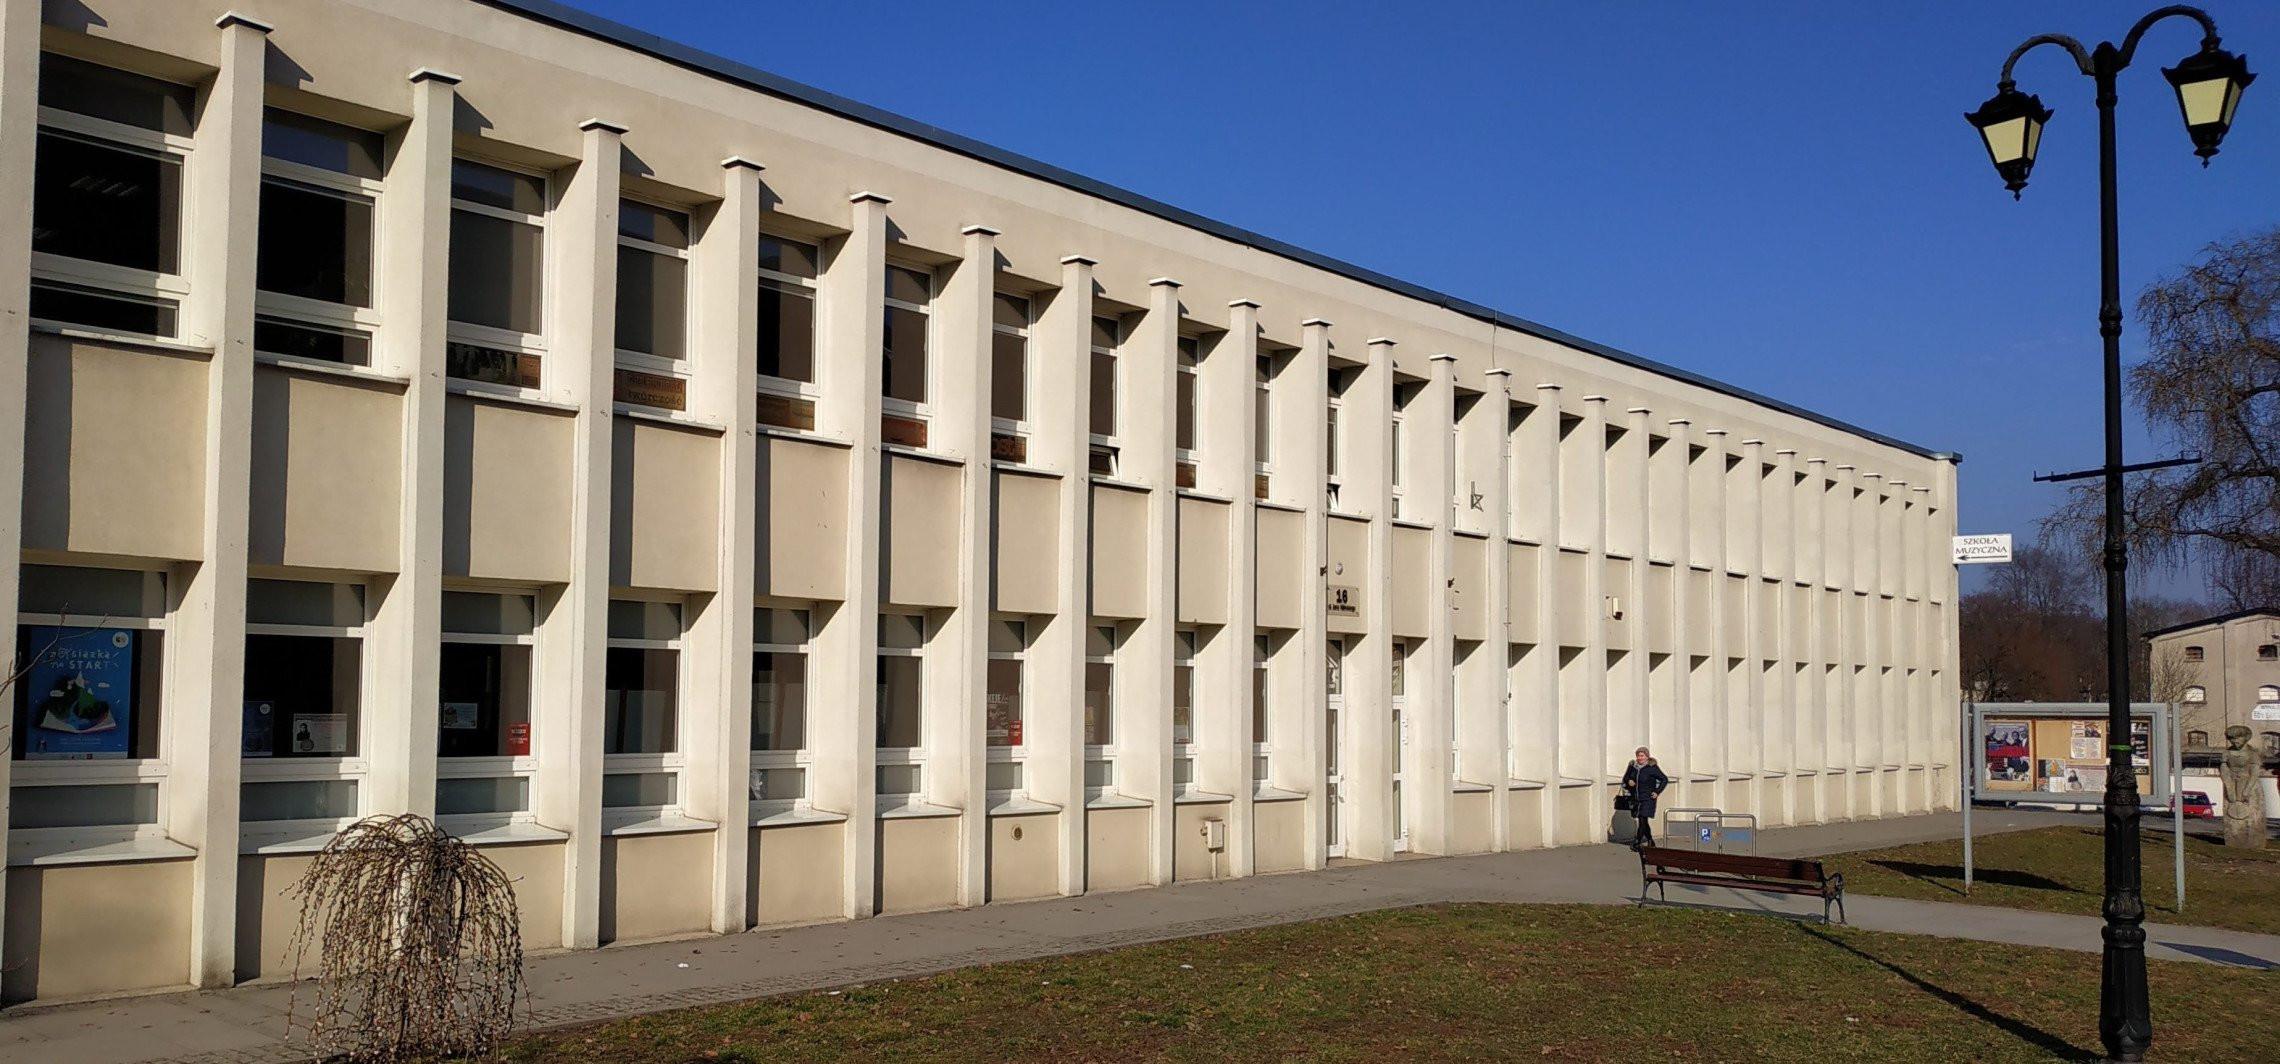 Inowrocław - Tego dnia biblioteka będzie zamknięta